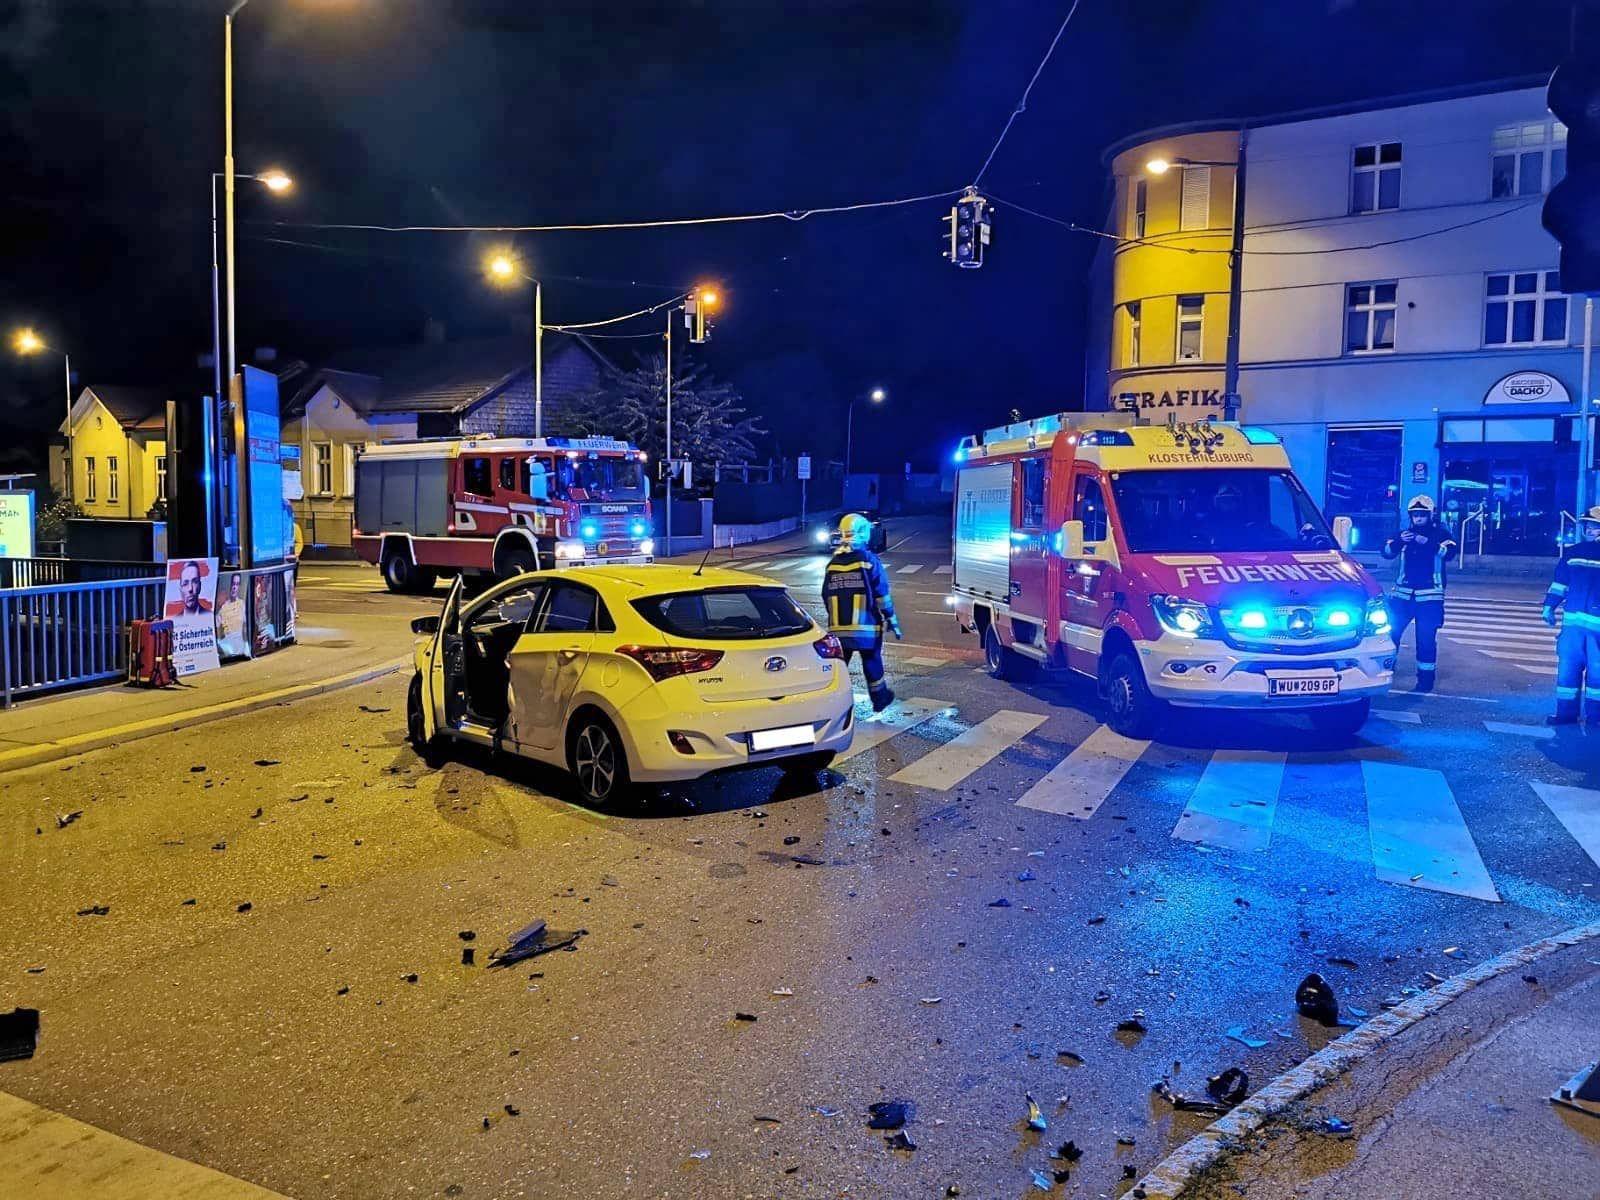 Ff Klosterneuburg Verkehrsunfall Pkw Vs Pkw Unfall Feuerwehr Fahrzeuge